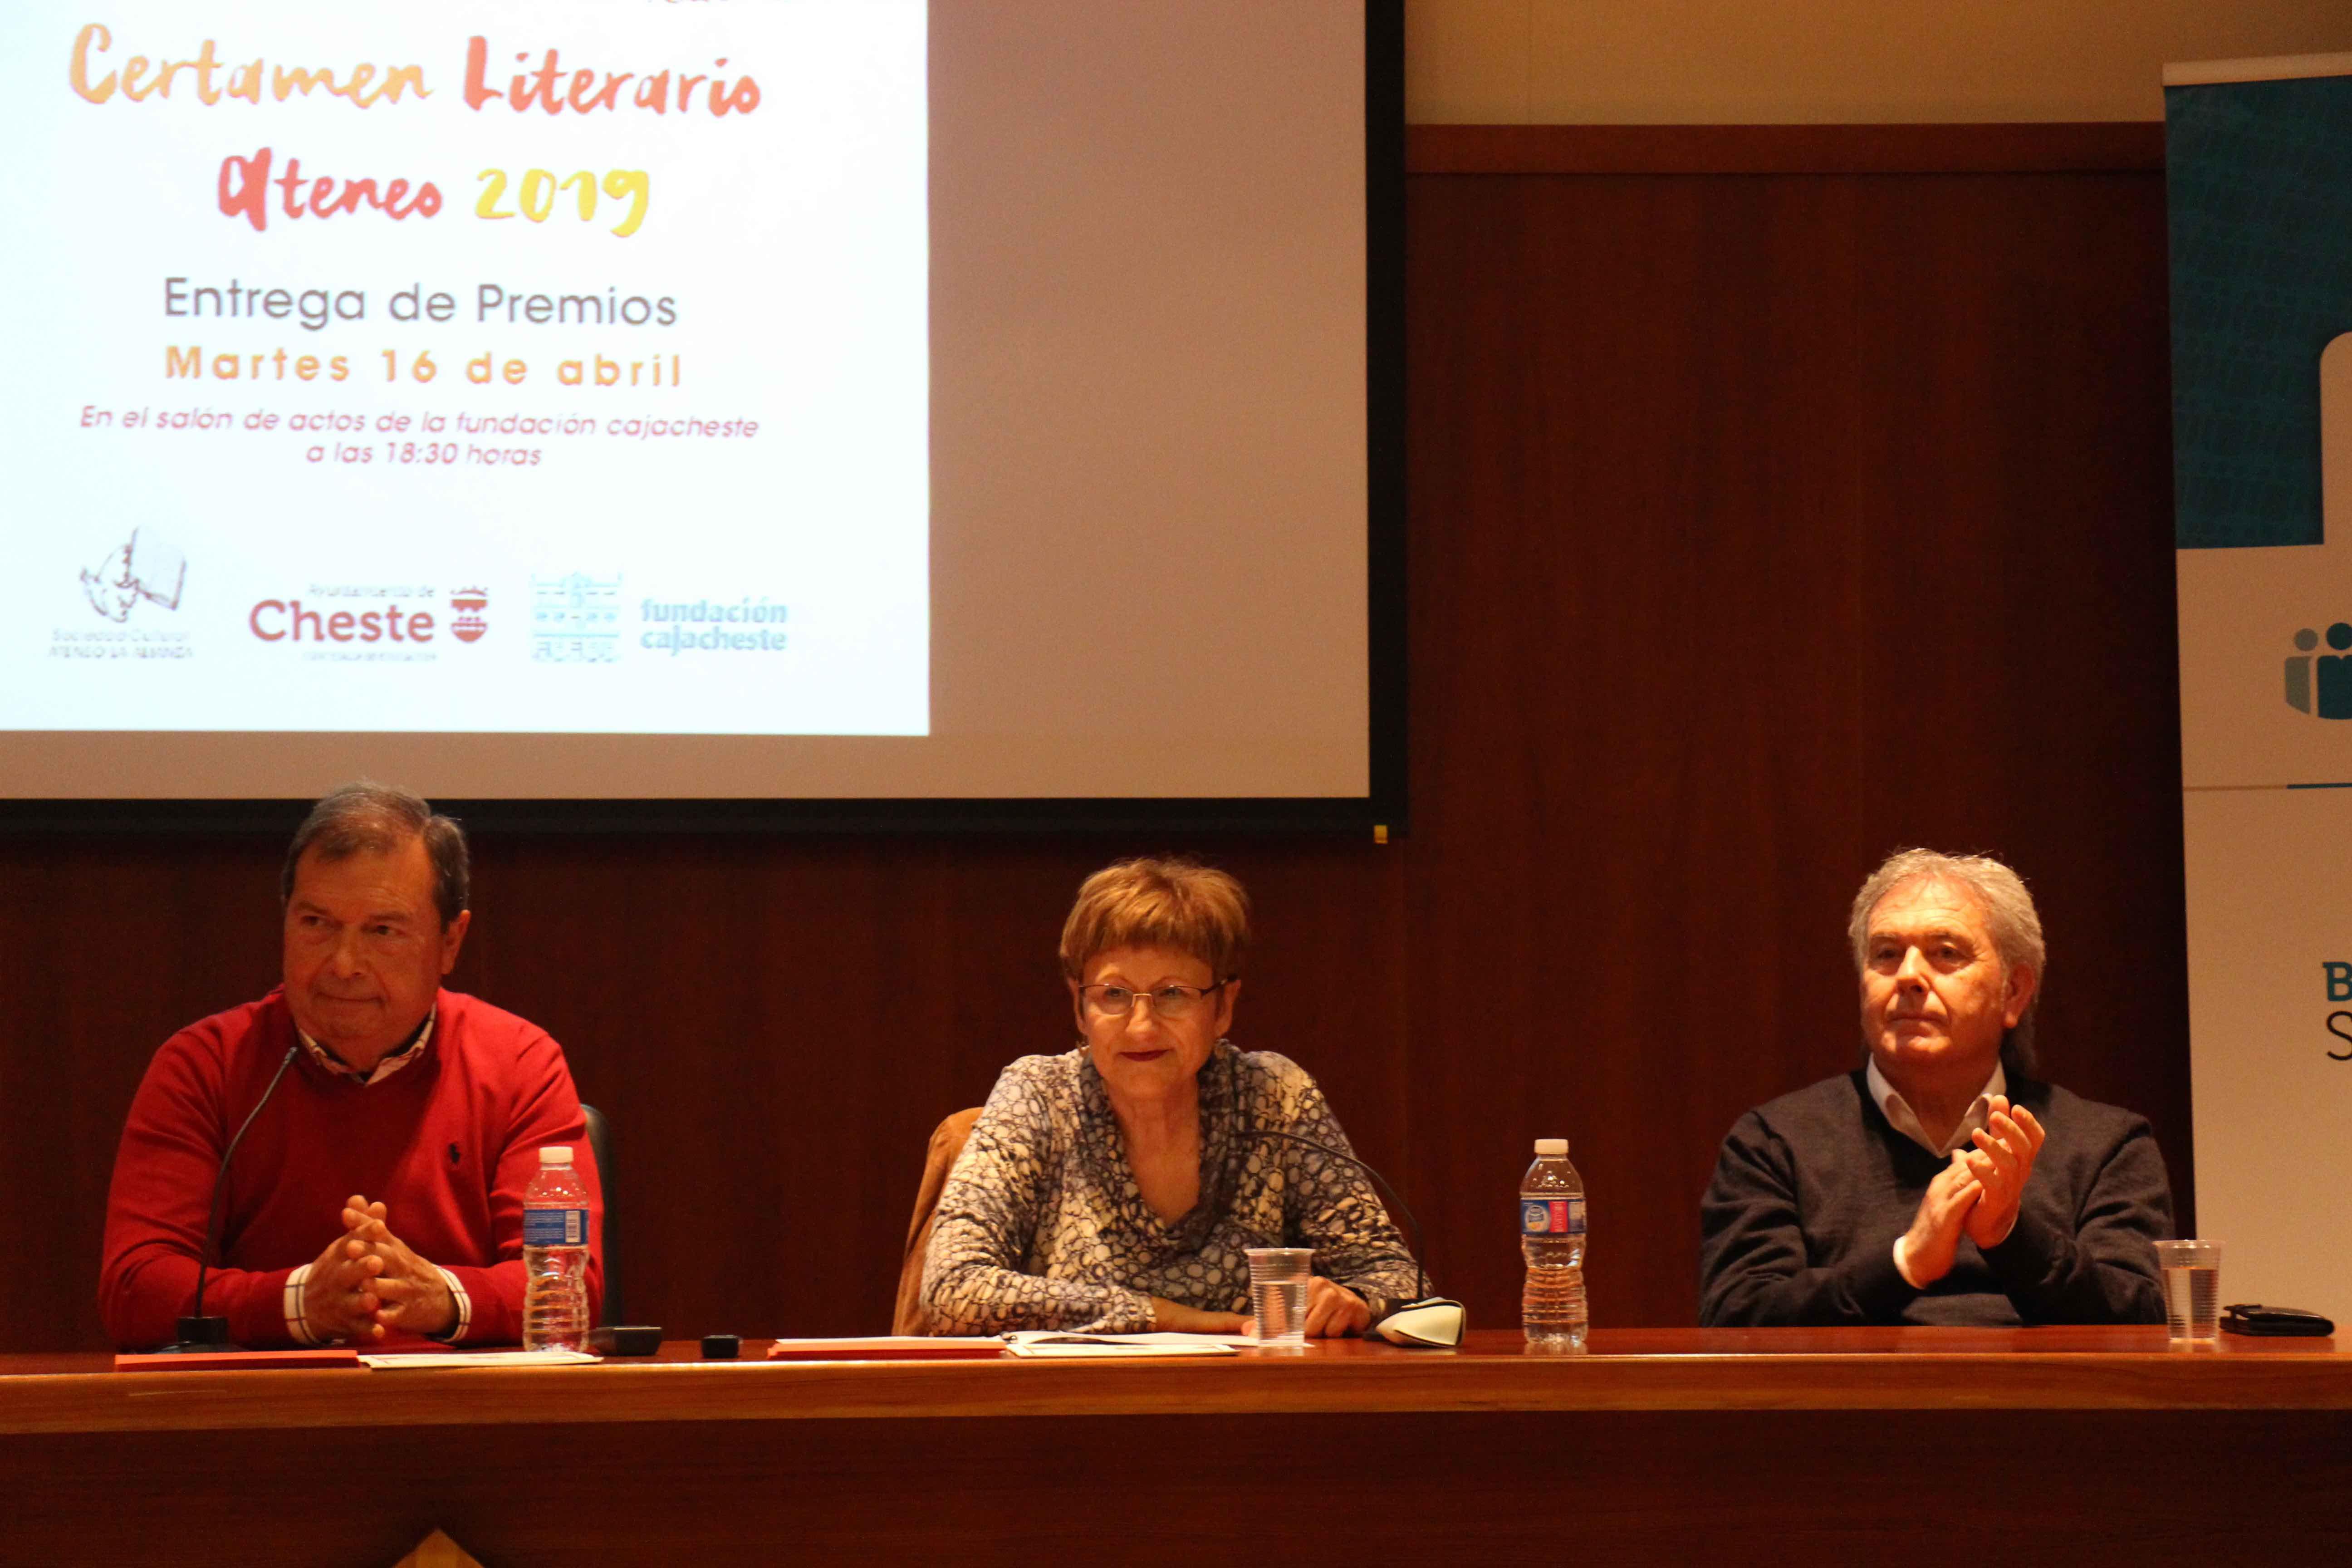 El presidente de la asociación Ateneo Cultural la Alianza, Rafael Navarro, quiso recalcar la antigüedad del certamen y su número de ediciones.